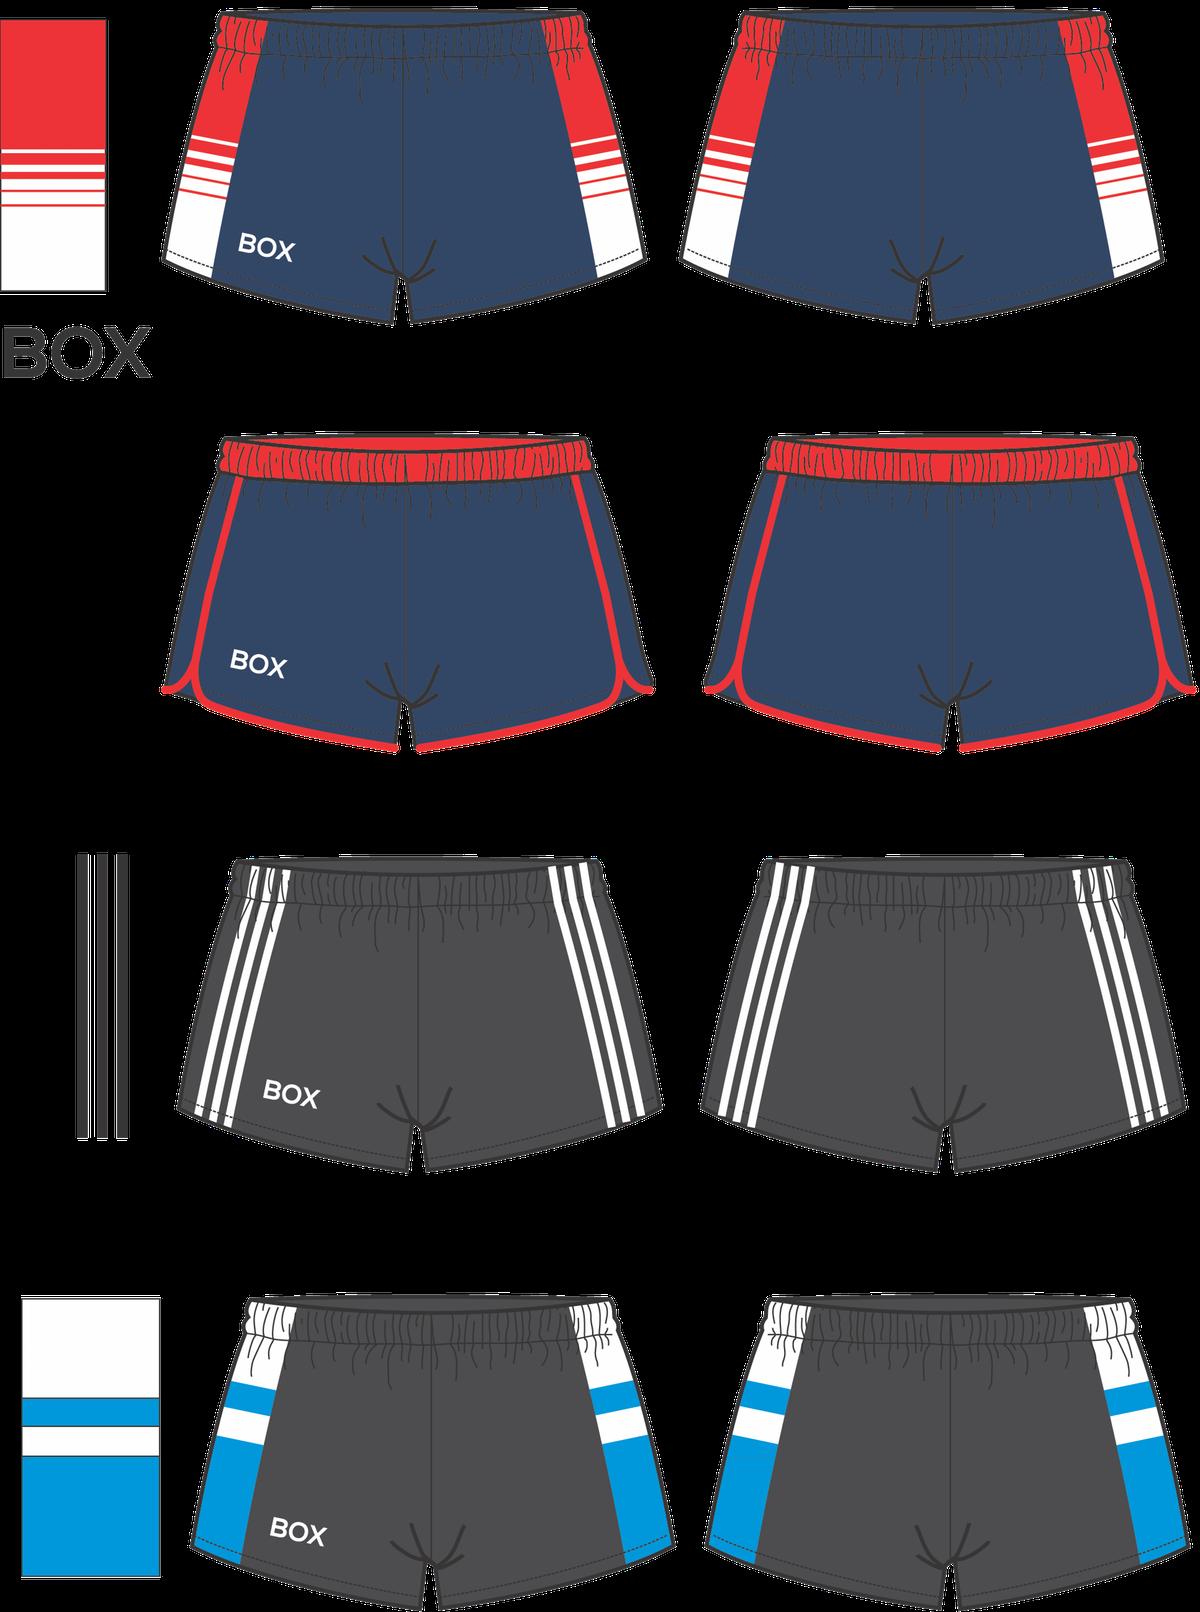 Retro Mens Football / Soccer Shorts Design